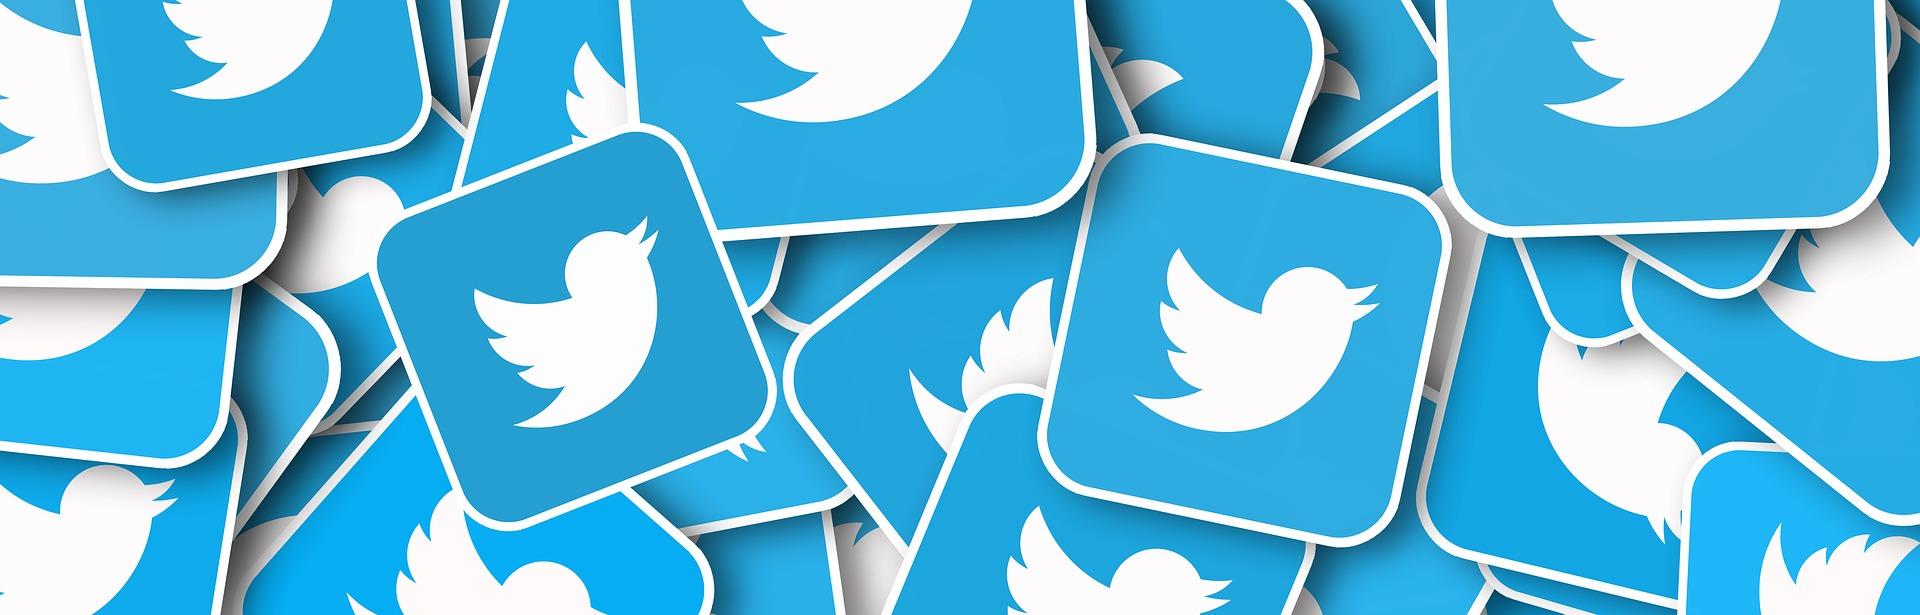 Twitter logo - ptičica; Foto: geralt pixabay.com